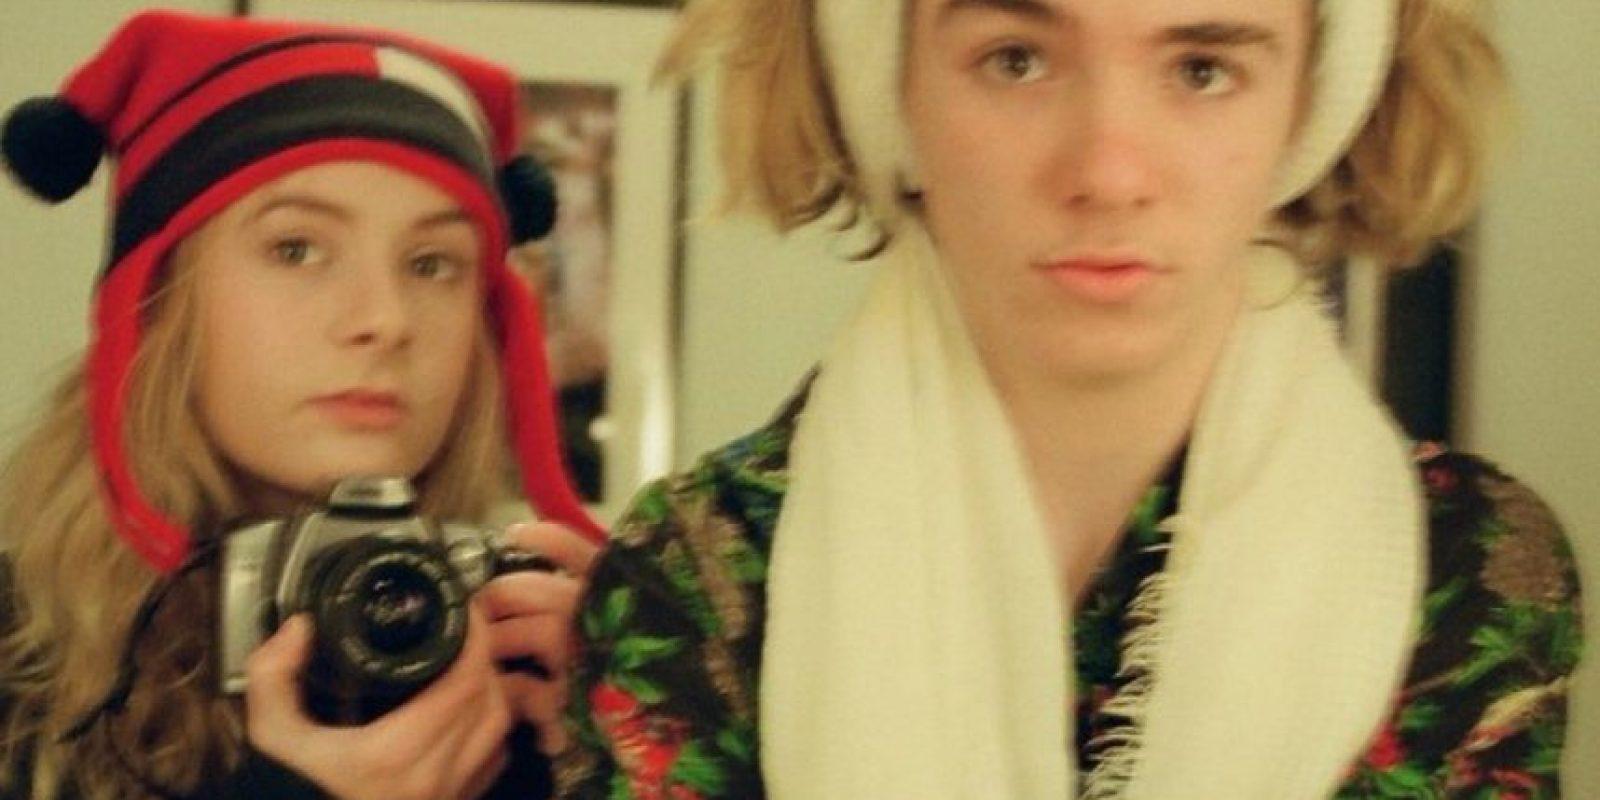 3. Rocco Ritchie, hijo de Madonna y Guy Ritchie. Foto:vía Instagram/tryadum